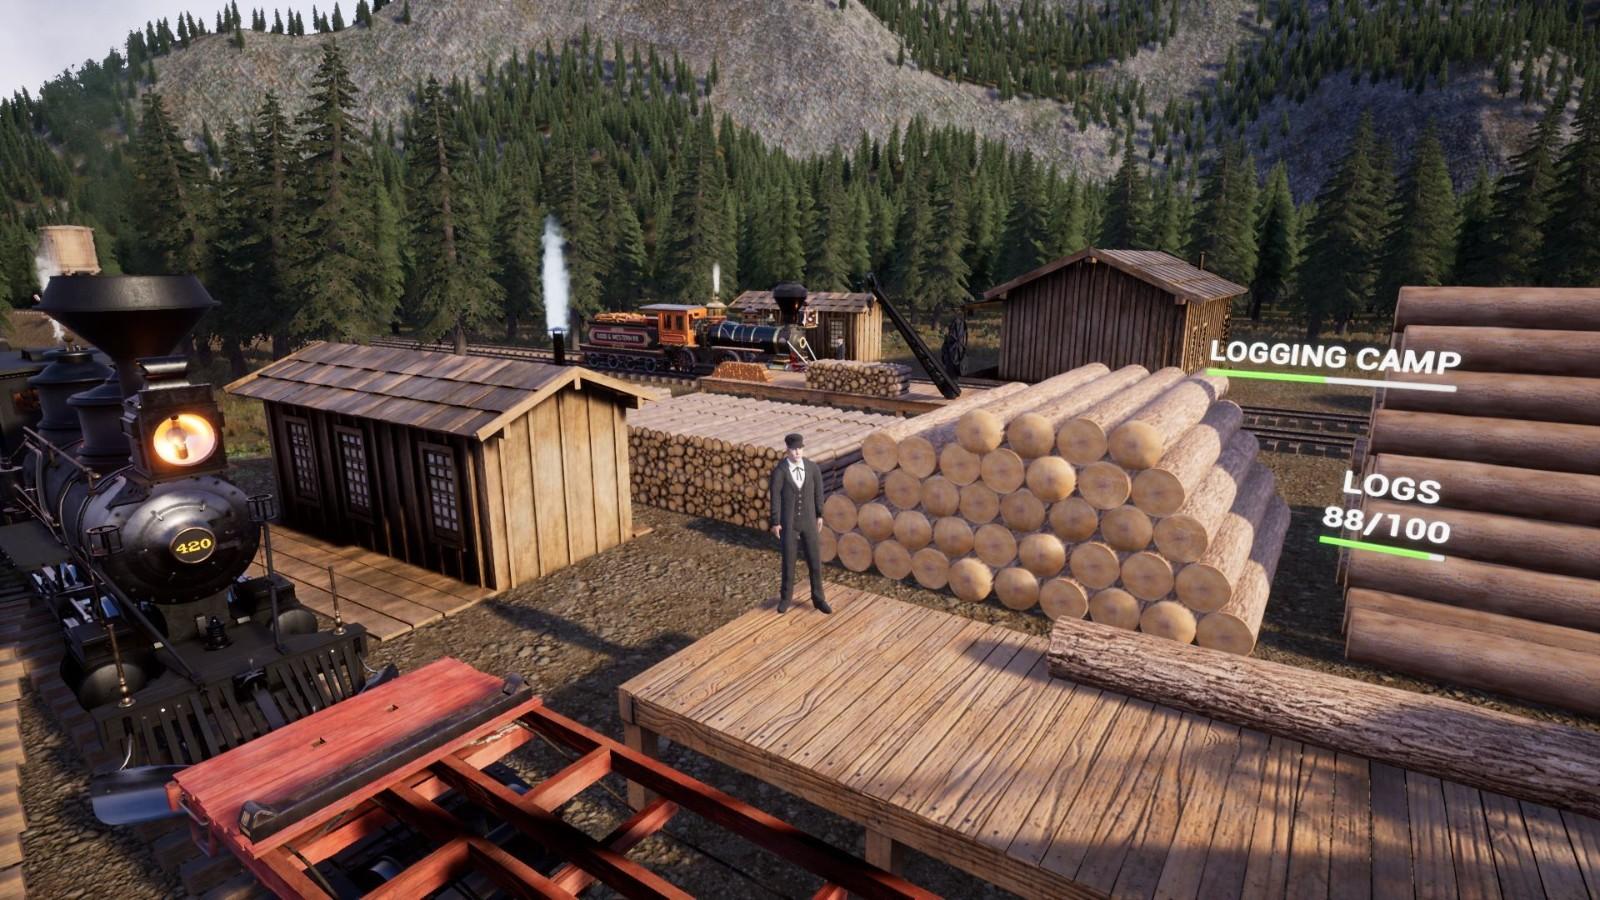 铁路模拟游戏《铁路在线》10月2日登陆Steam抢先体验